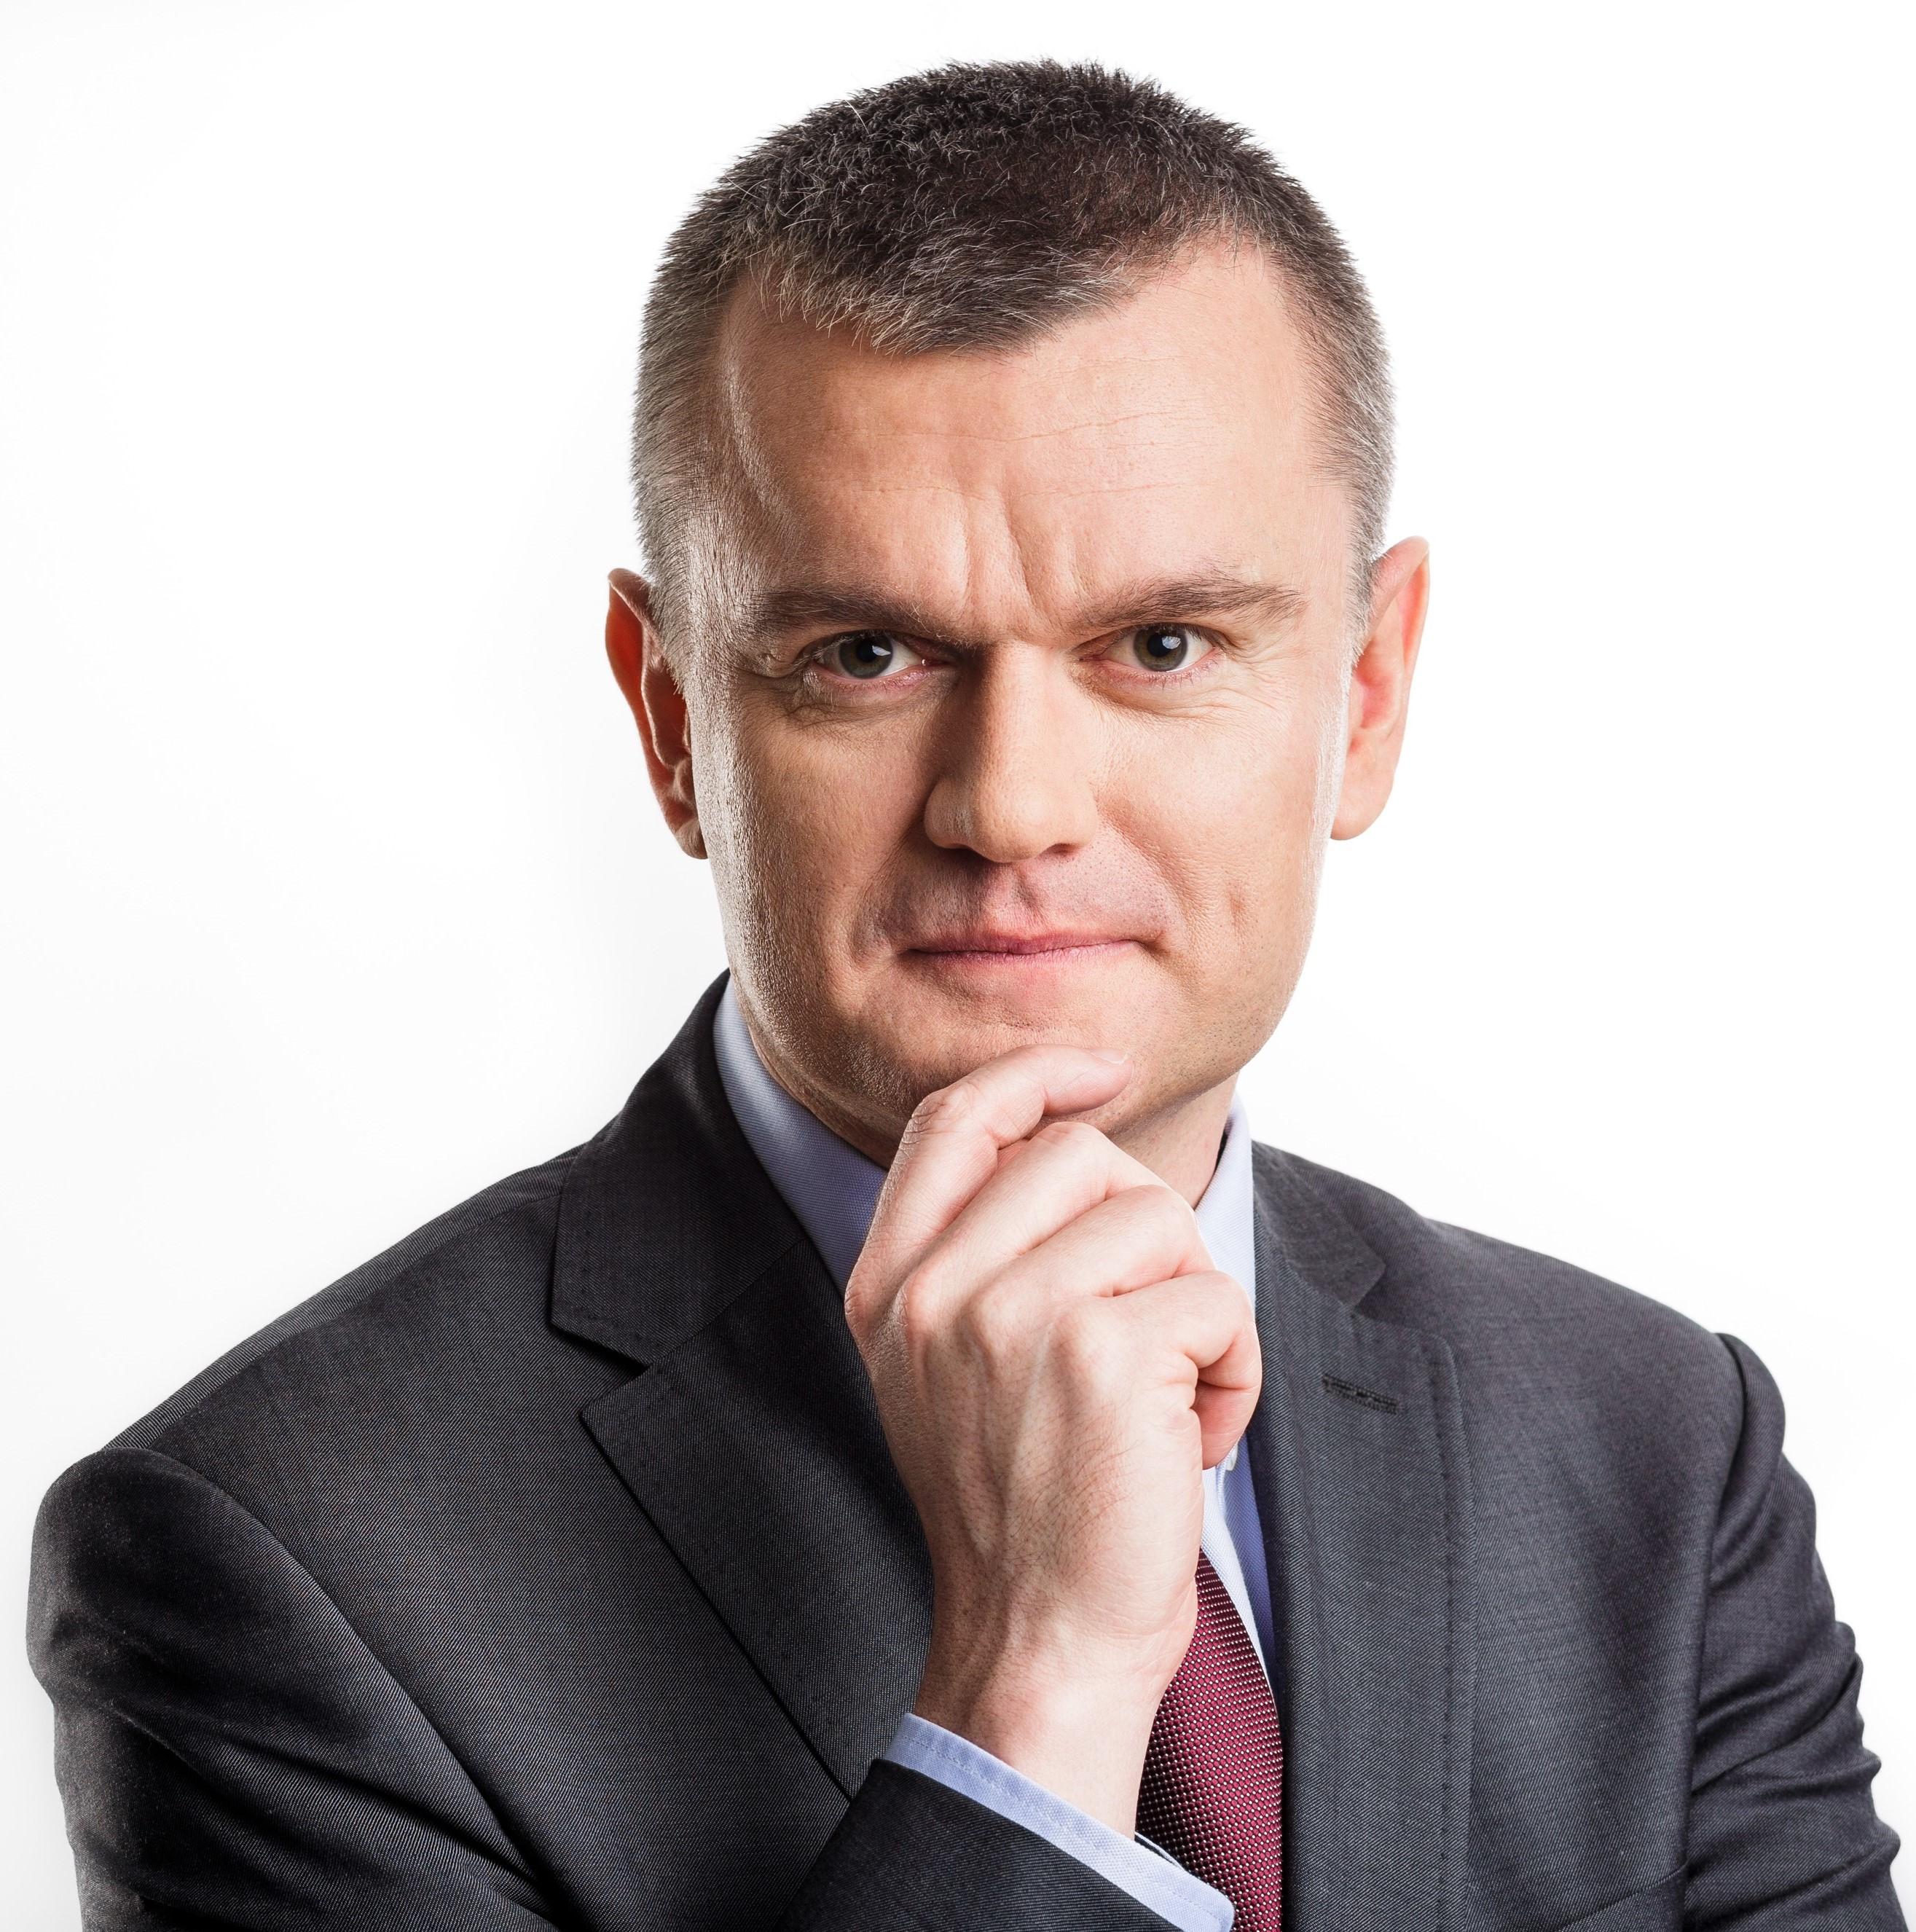 prof. dr hab. n. med. JAKUB FICHNA